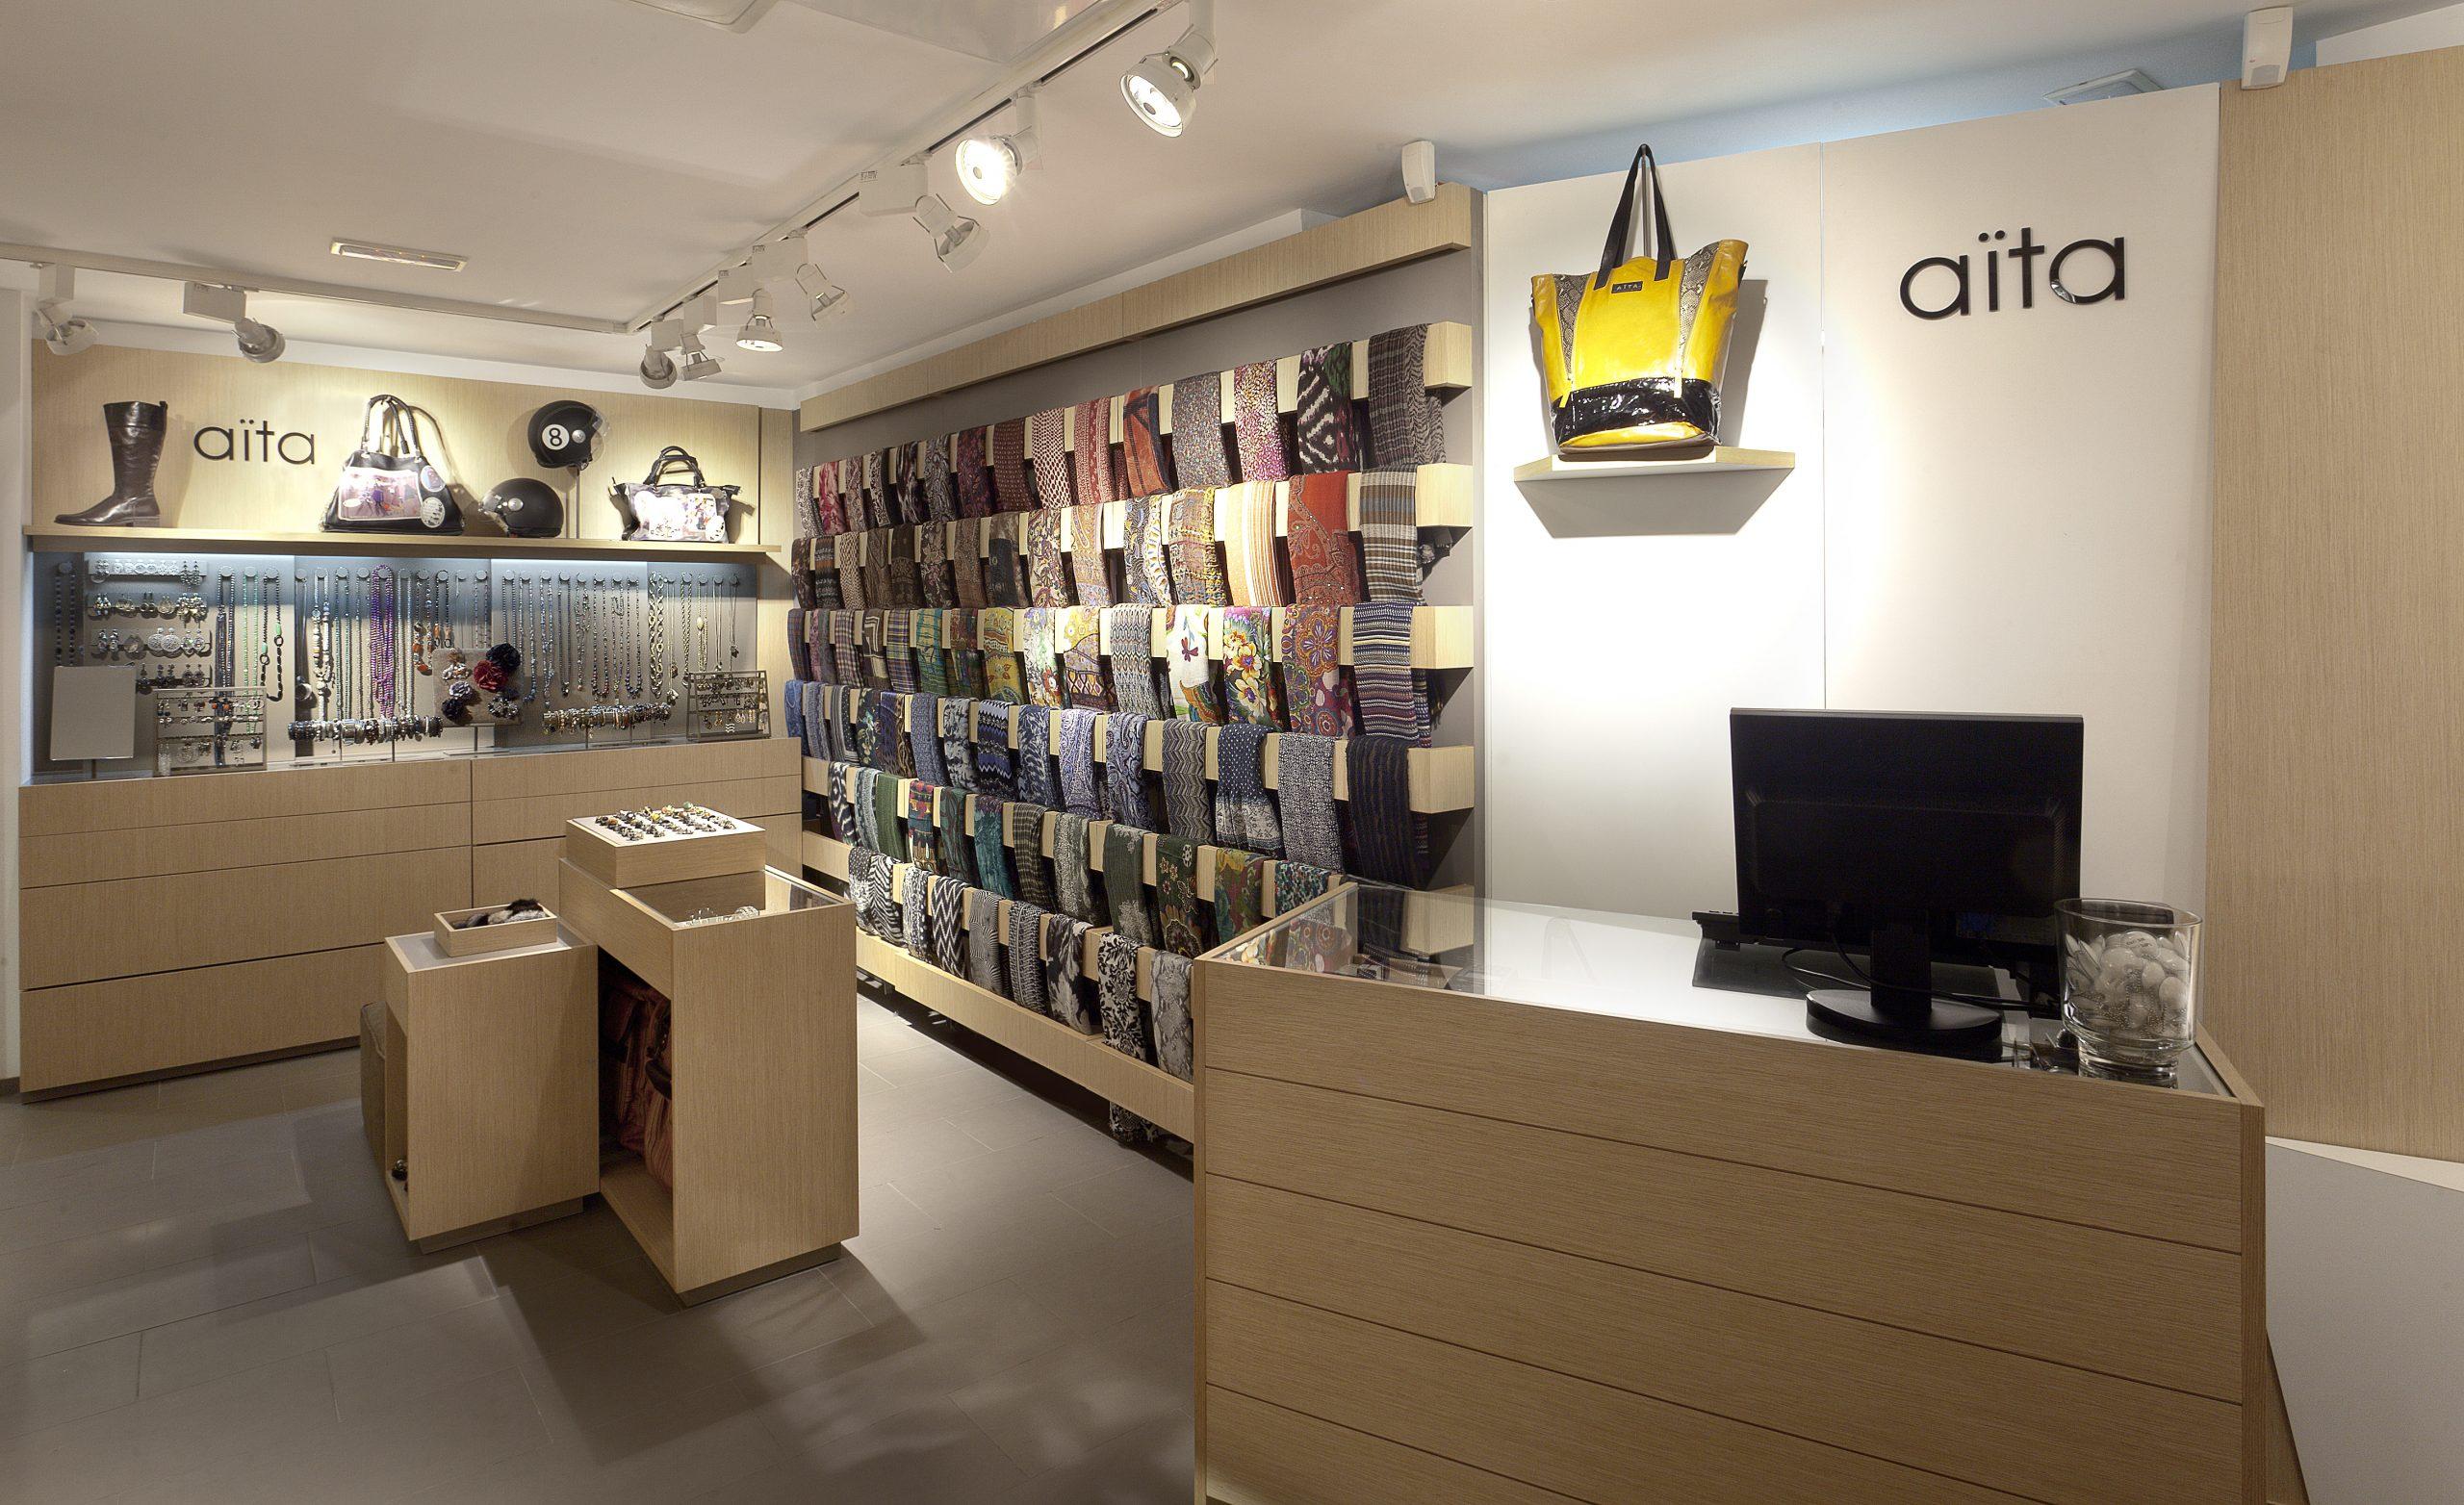 Aïta/ Nou concepte de botigues